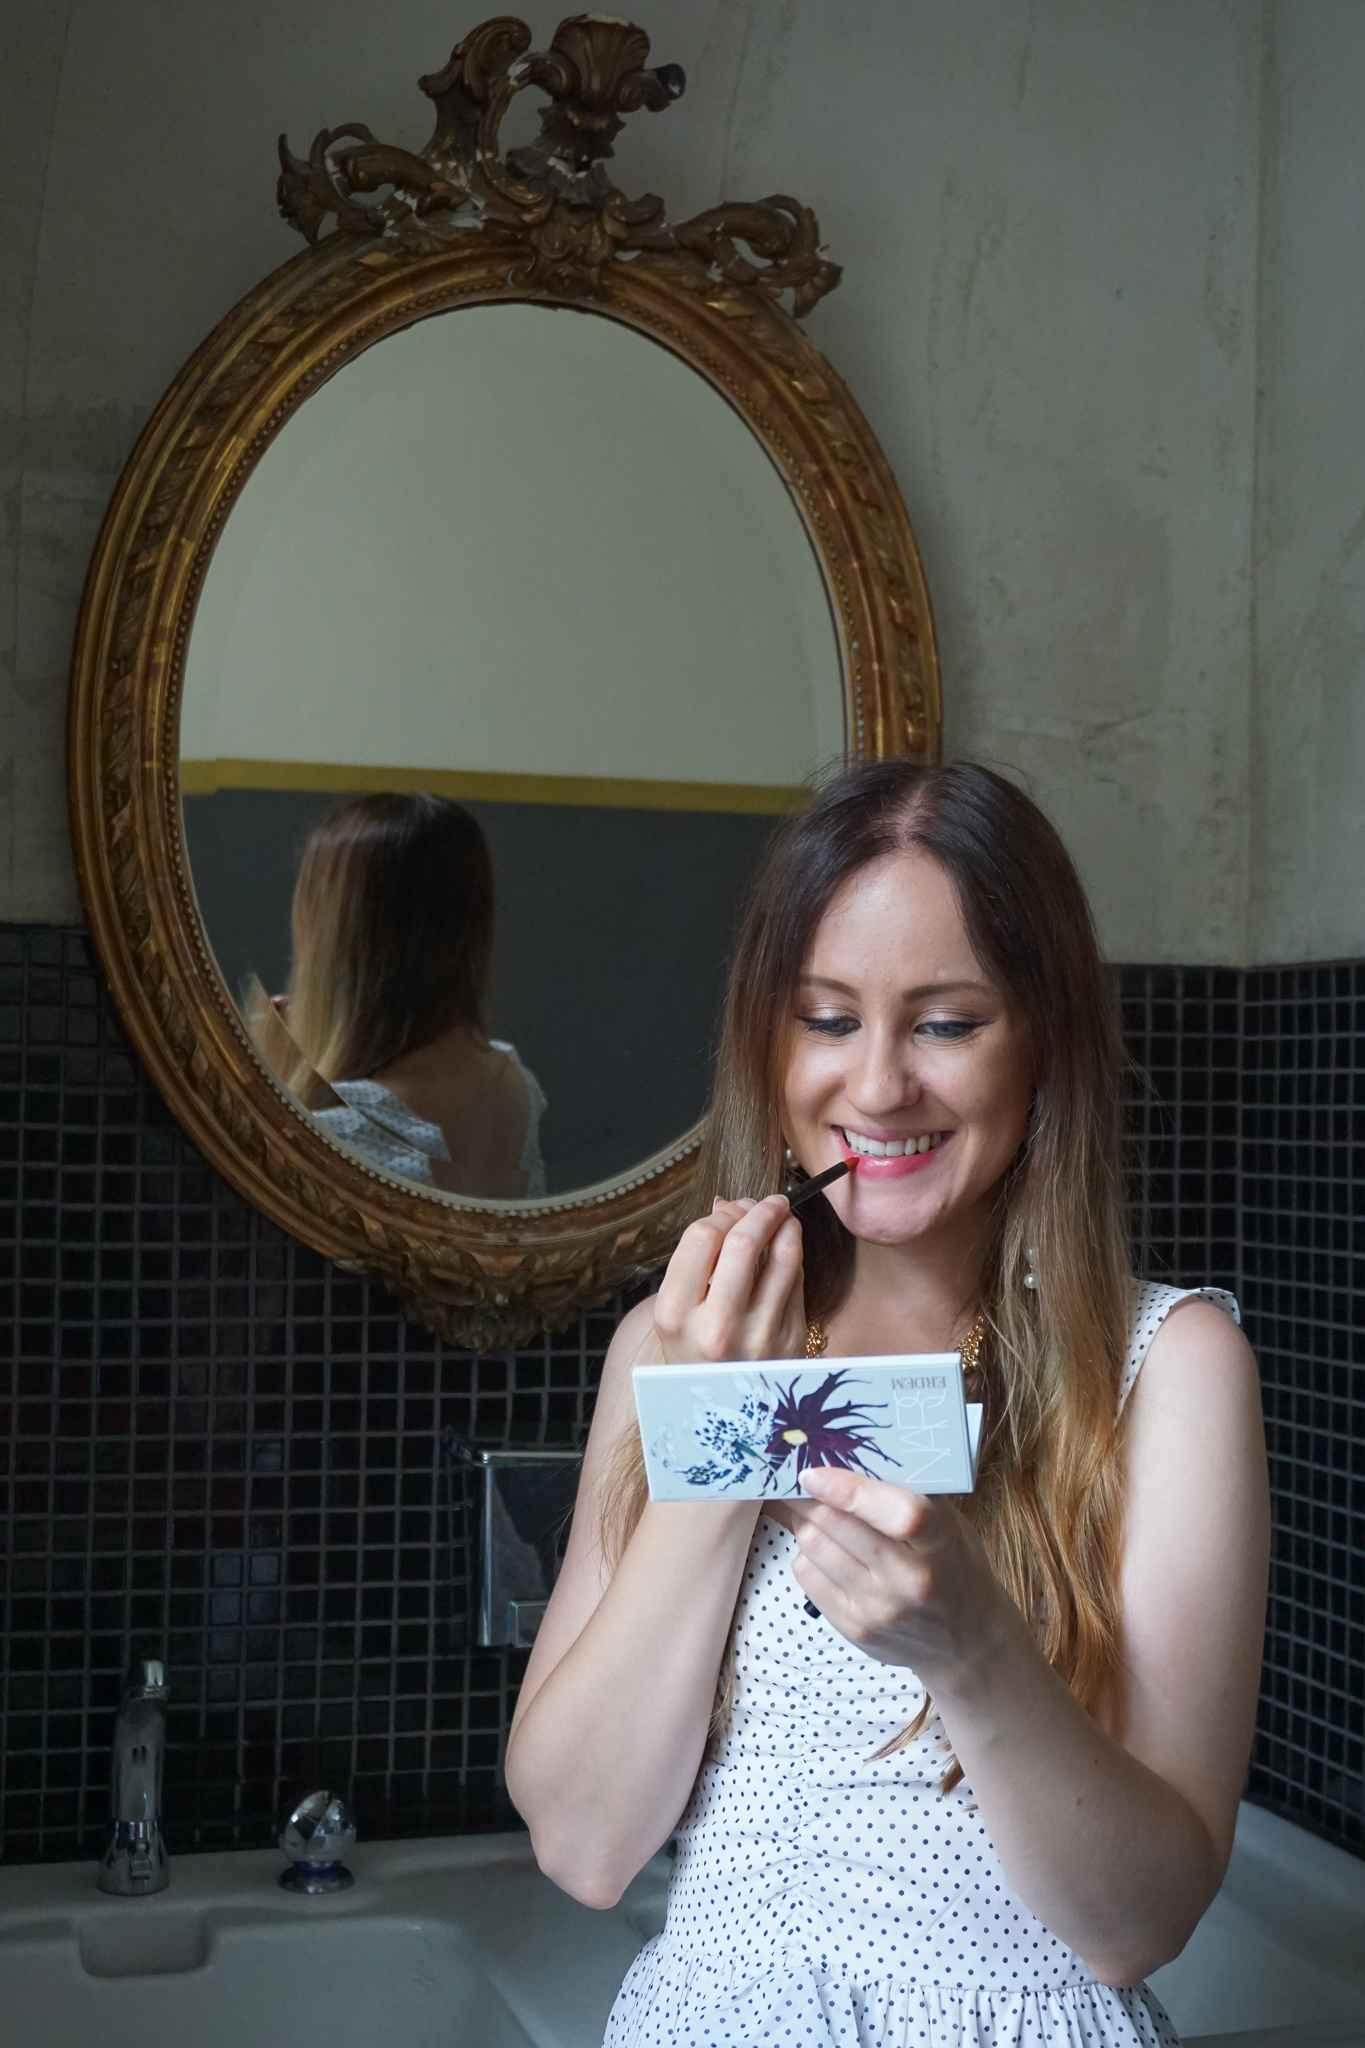 NARS x Erdem KIKO Milano Make-up